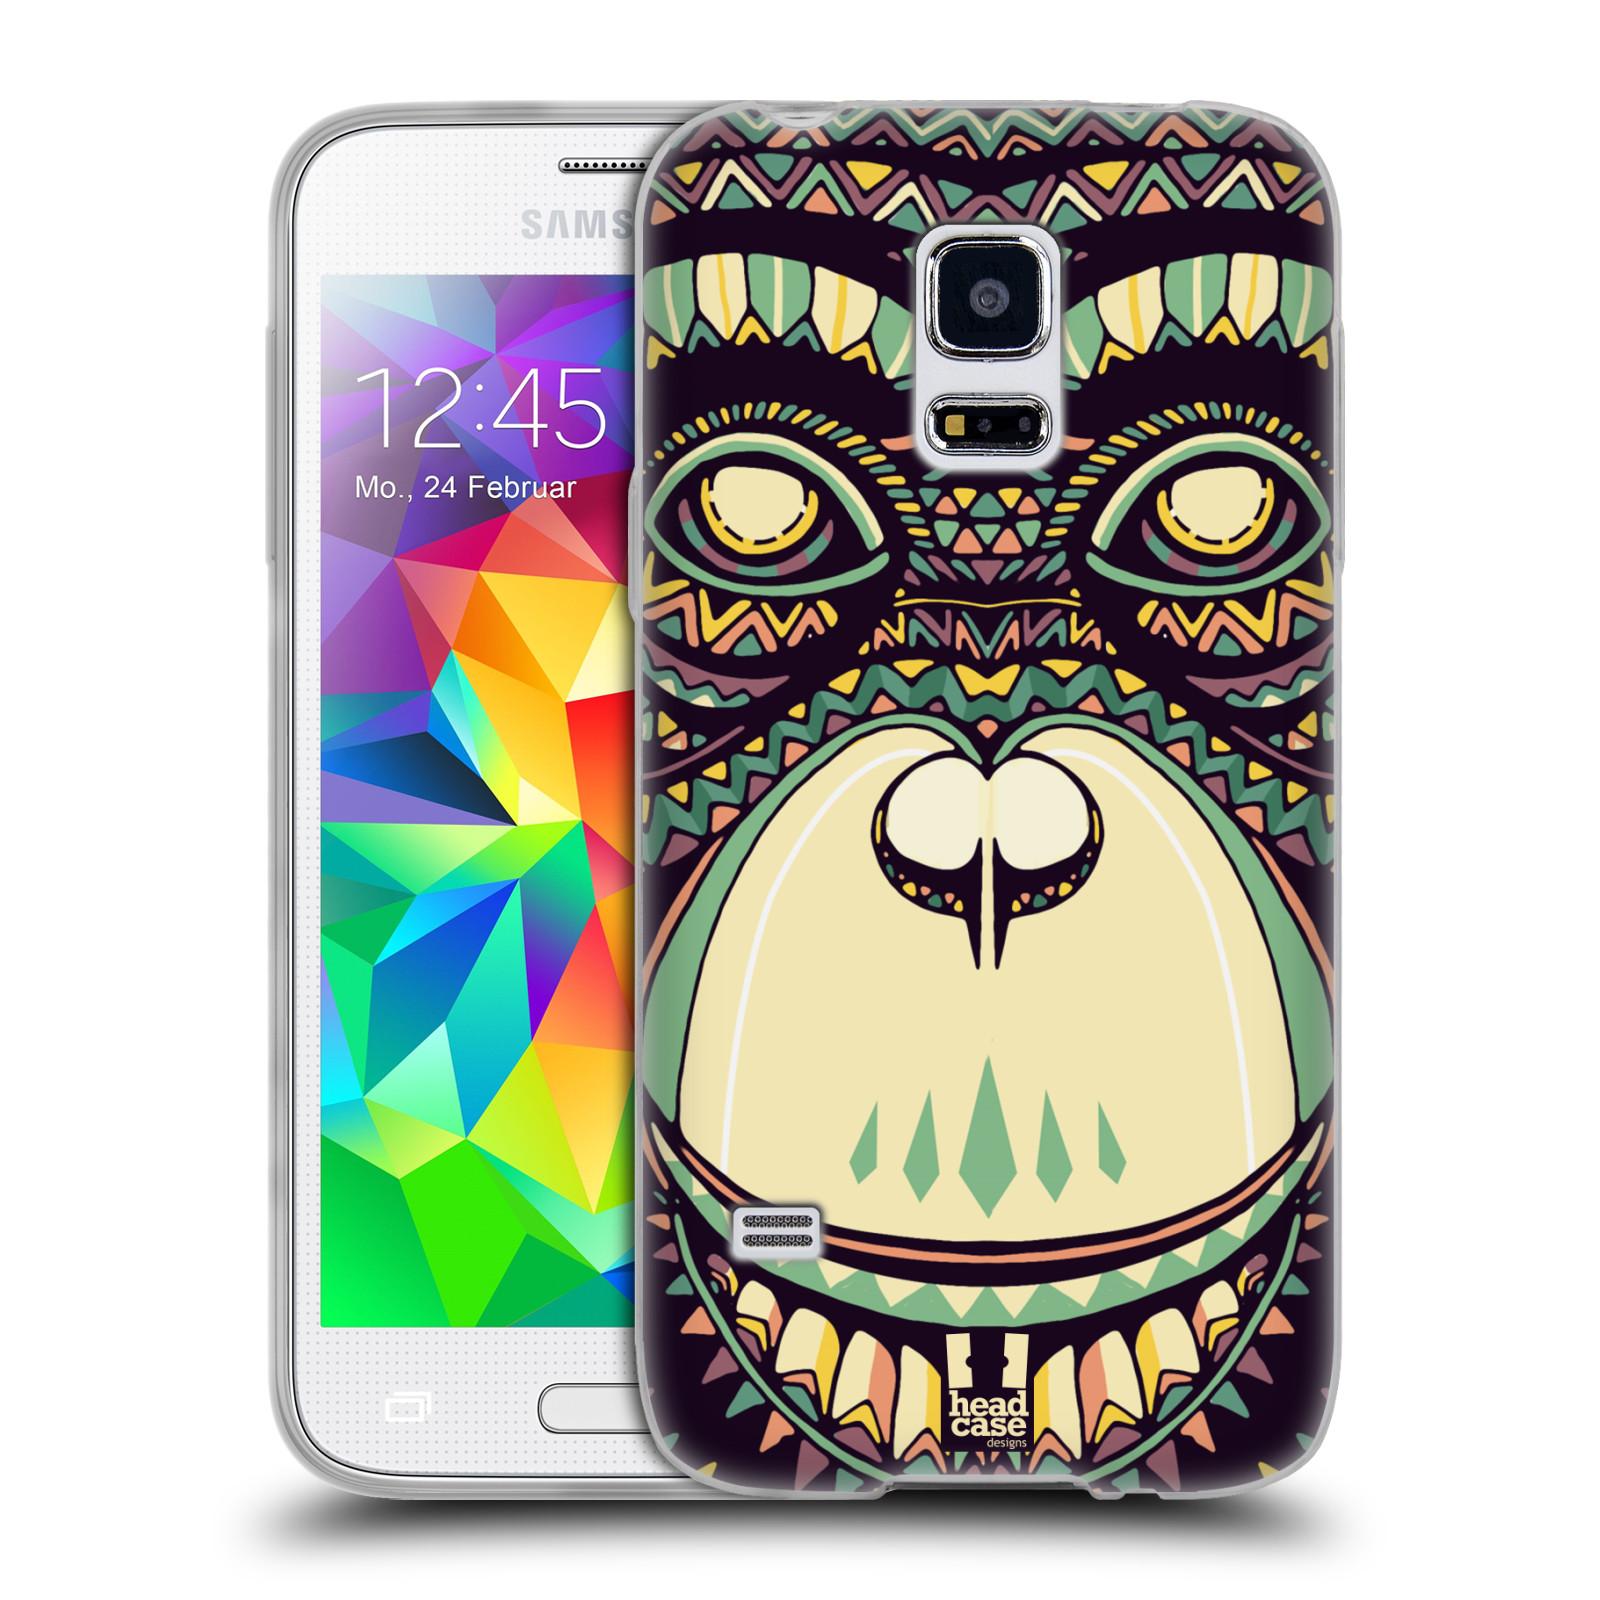 HEAD CASE silikonový obal na mobil Samsung Galaxy S5 MINI vzor Aztécký motiv zvíře 3 šimpanz